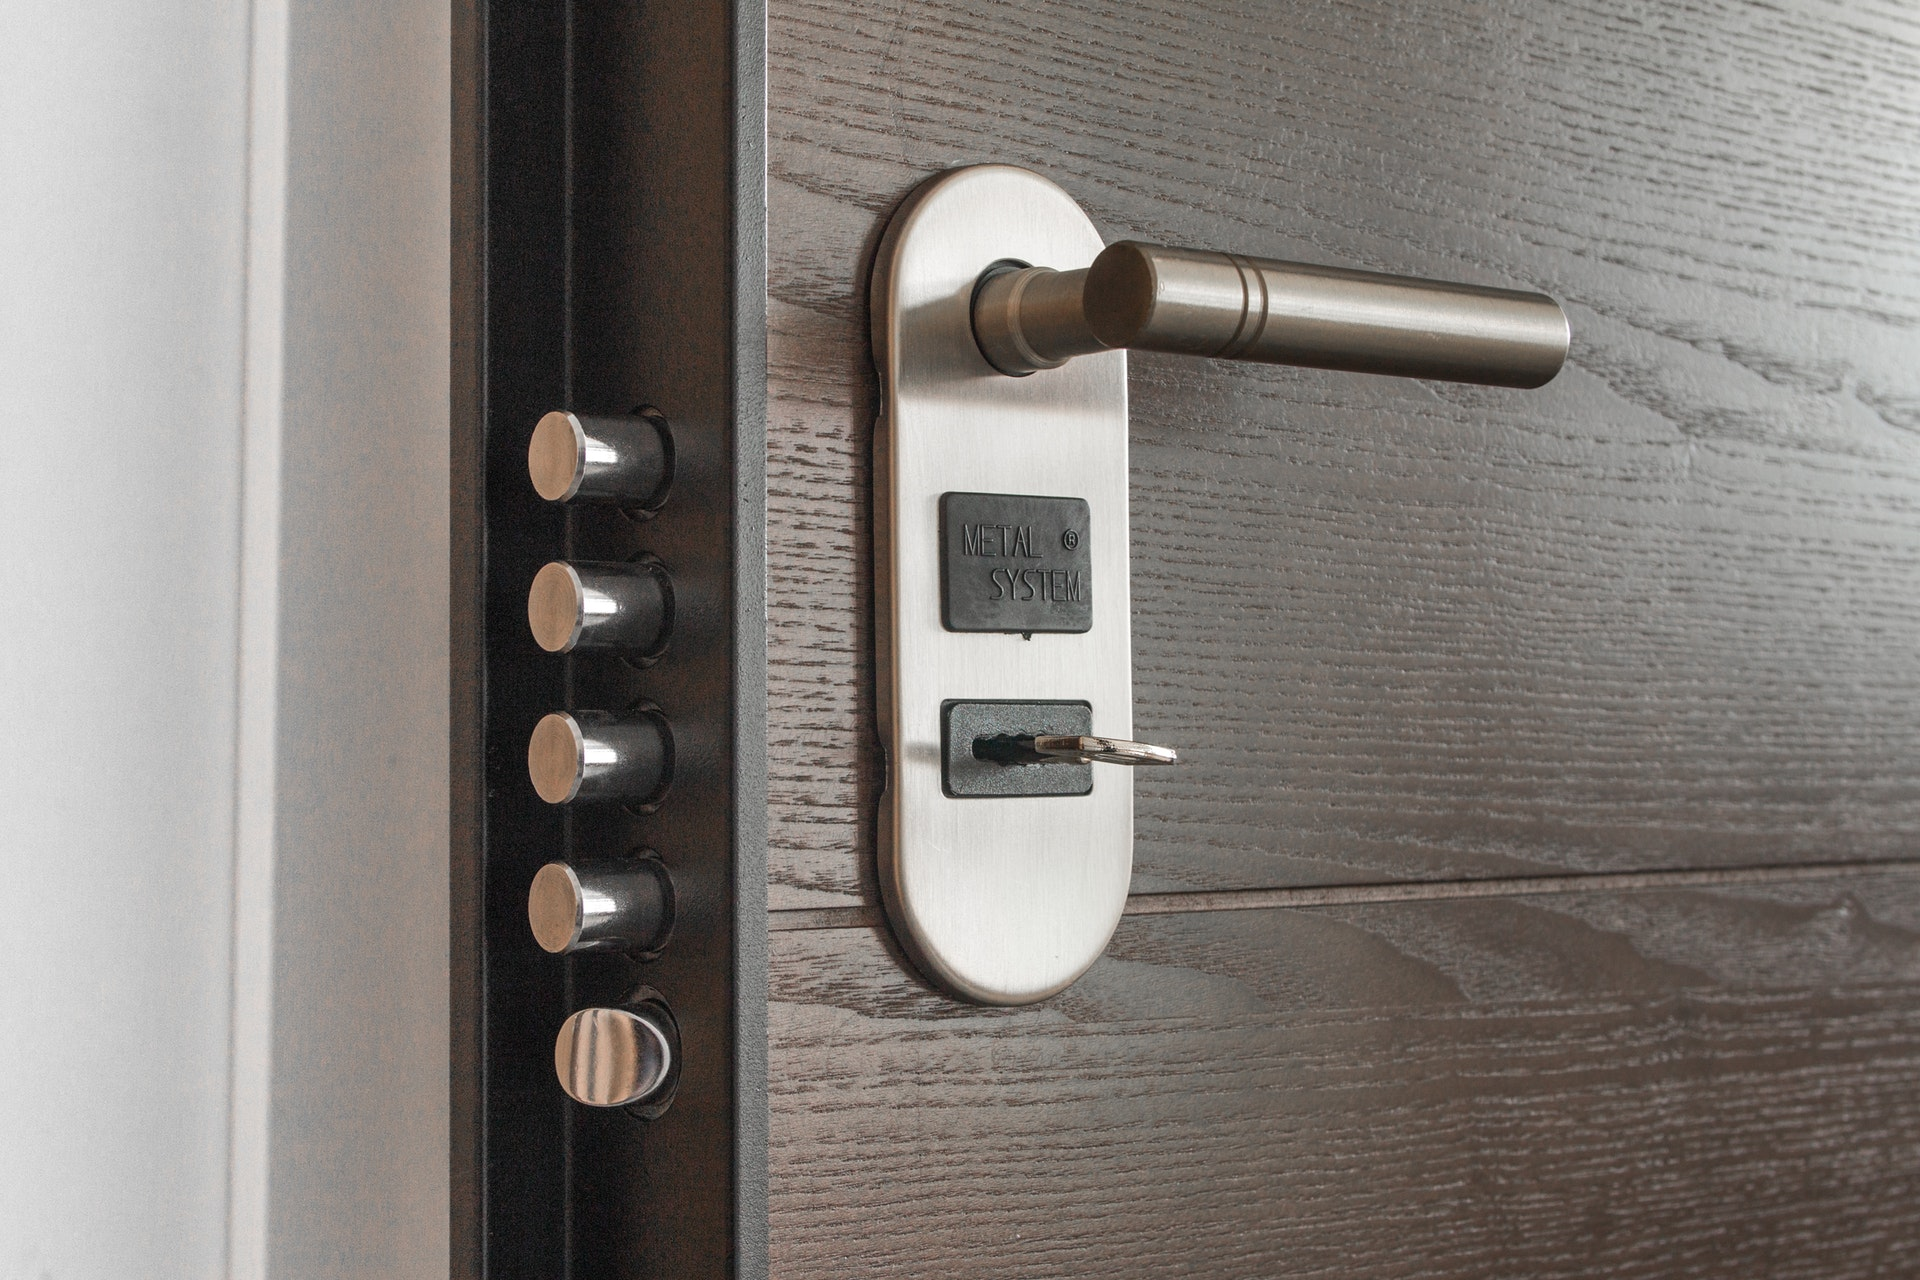 door-handle-key-279810 (1).jpg